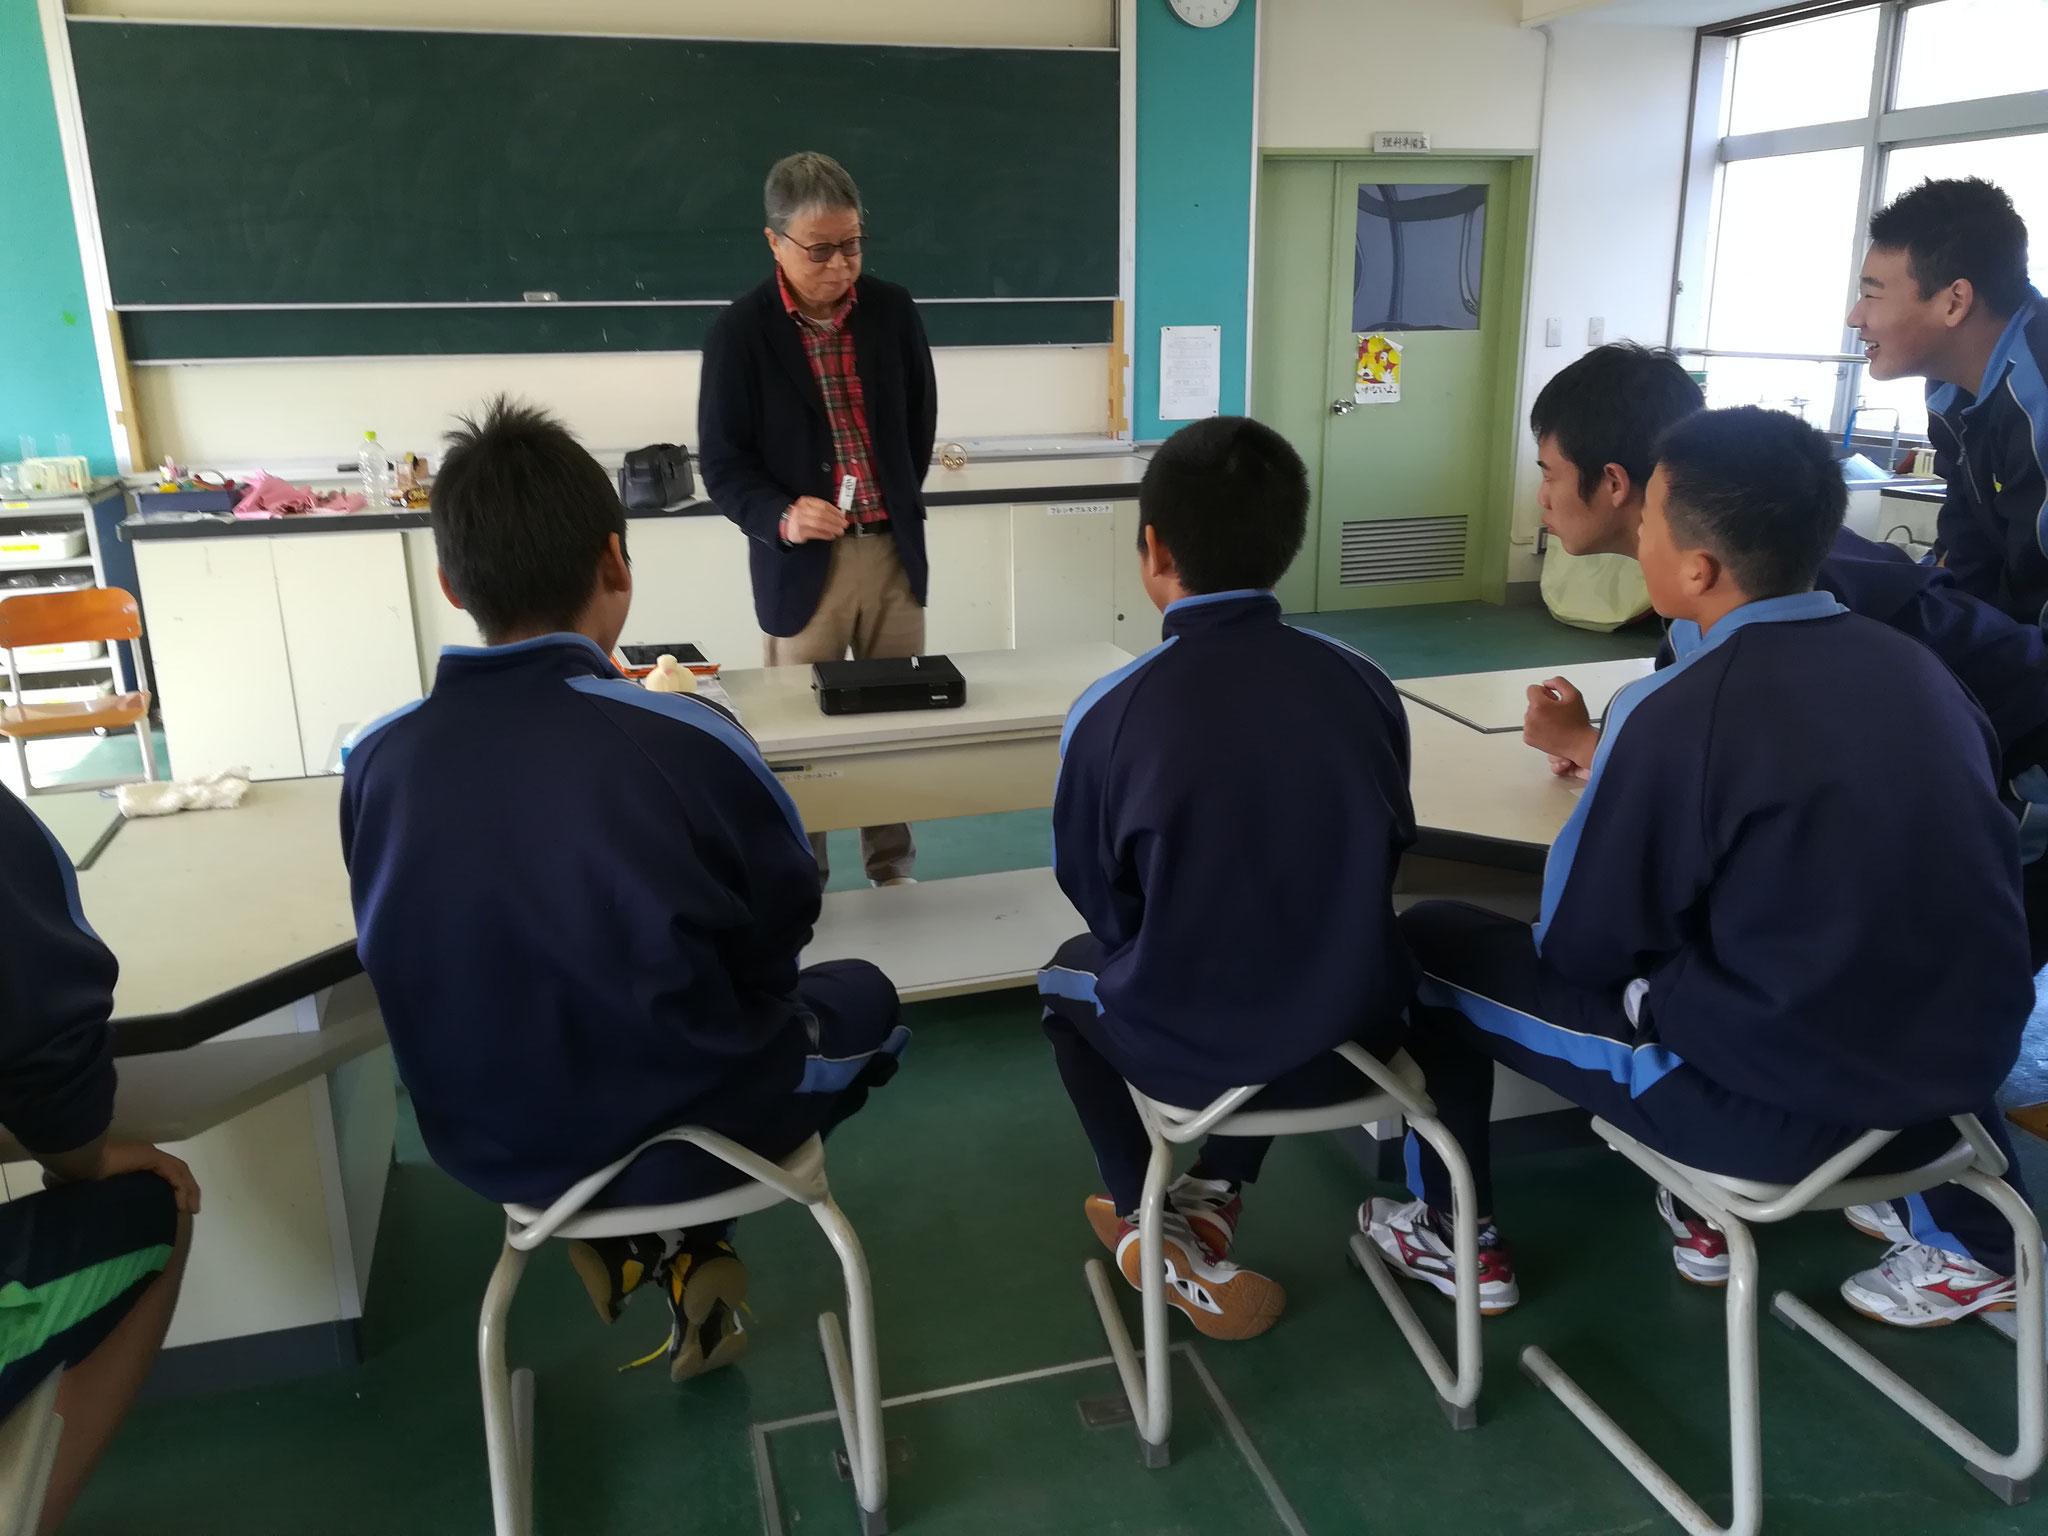 マジック講座、導入の先生のマジックショーで大盛り上がり。